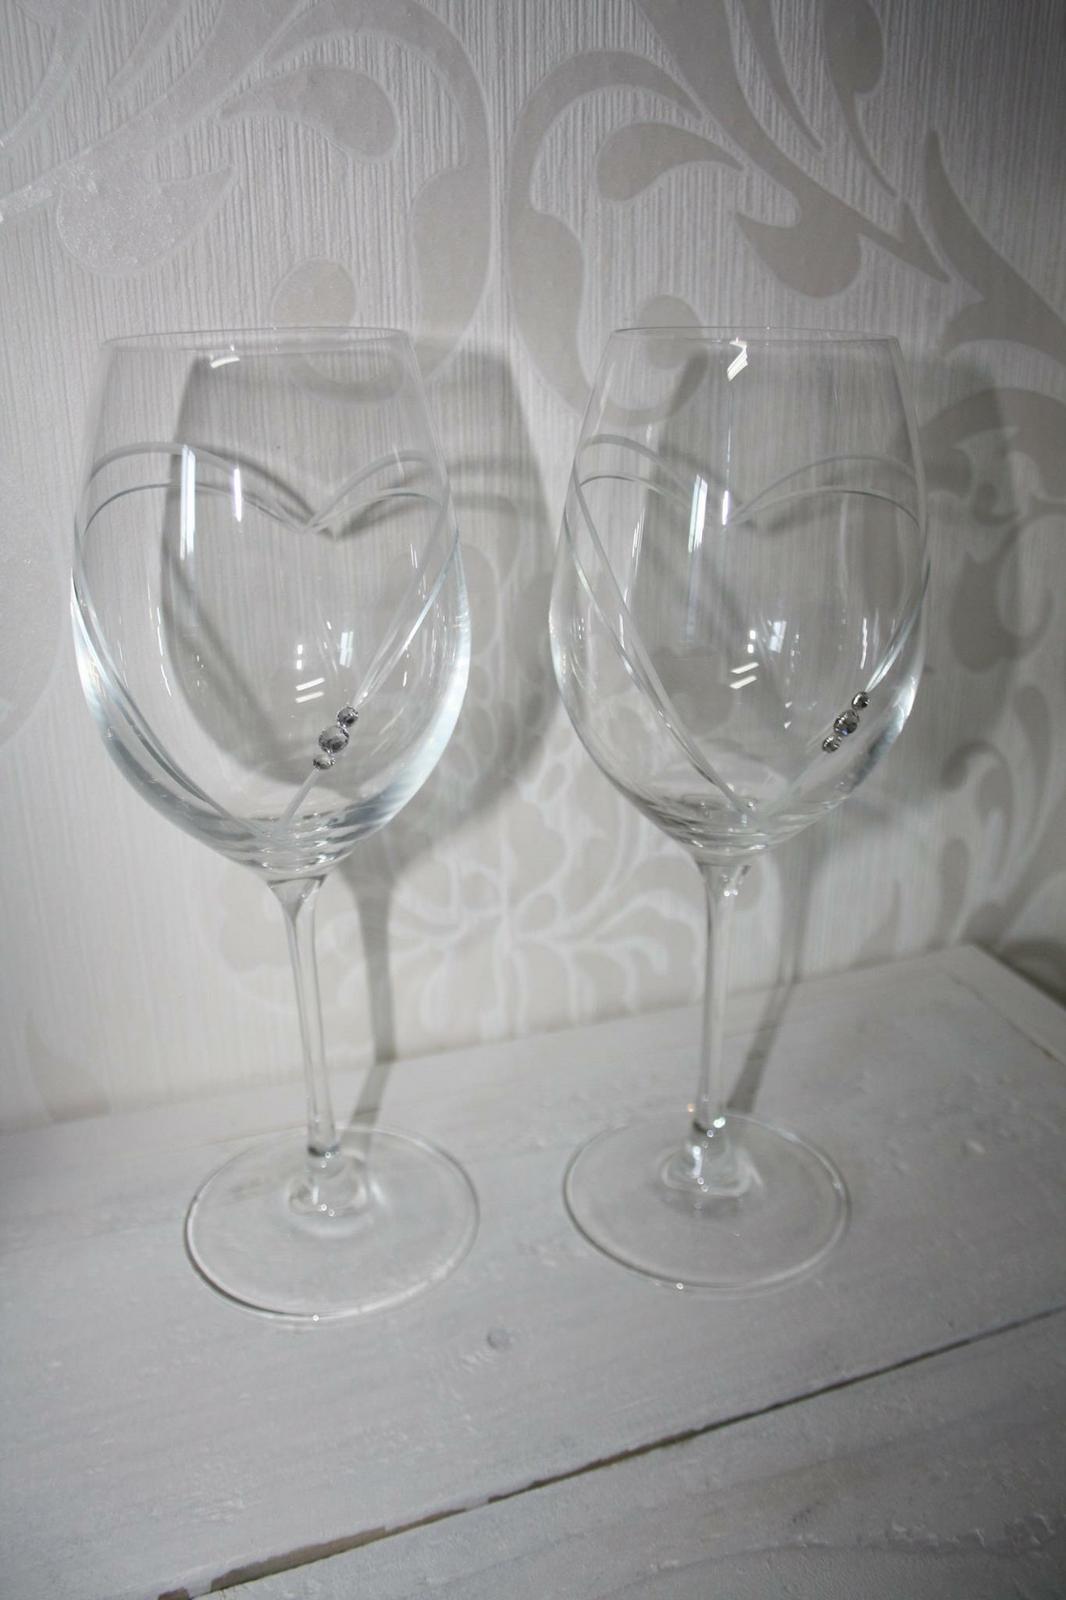 Svadobné poháre so Swarovski srdcia  - Obrázok č. 1